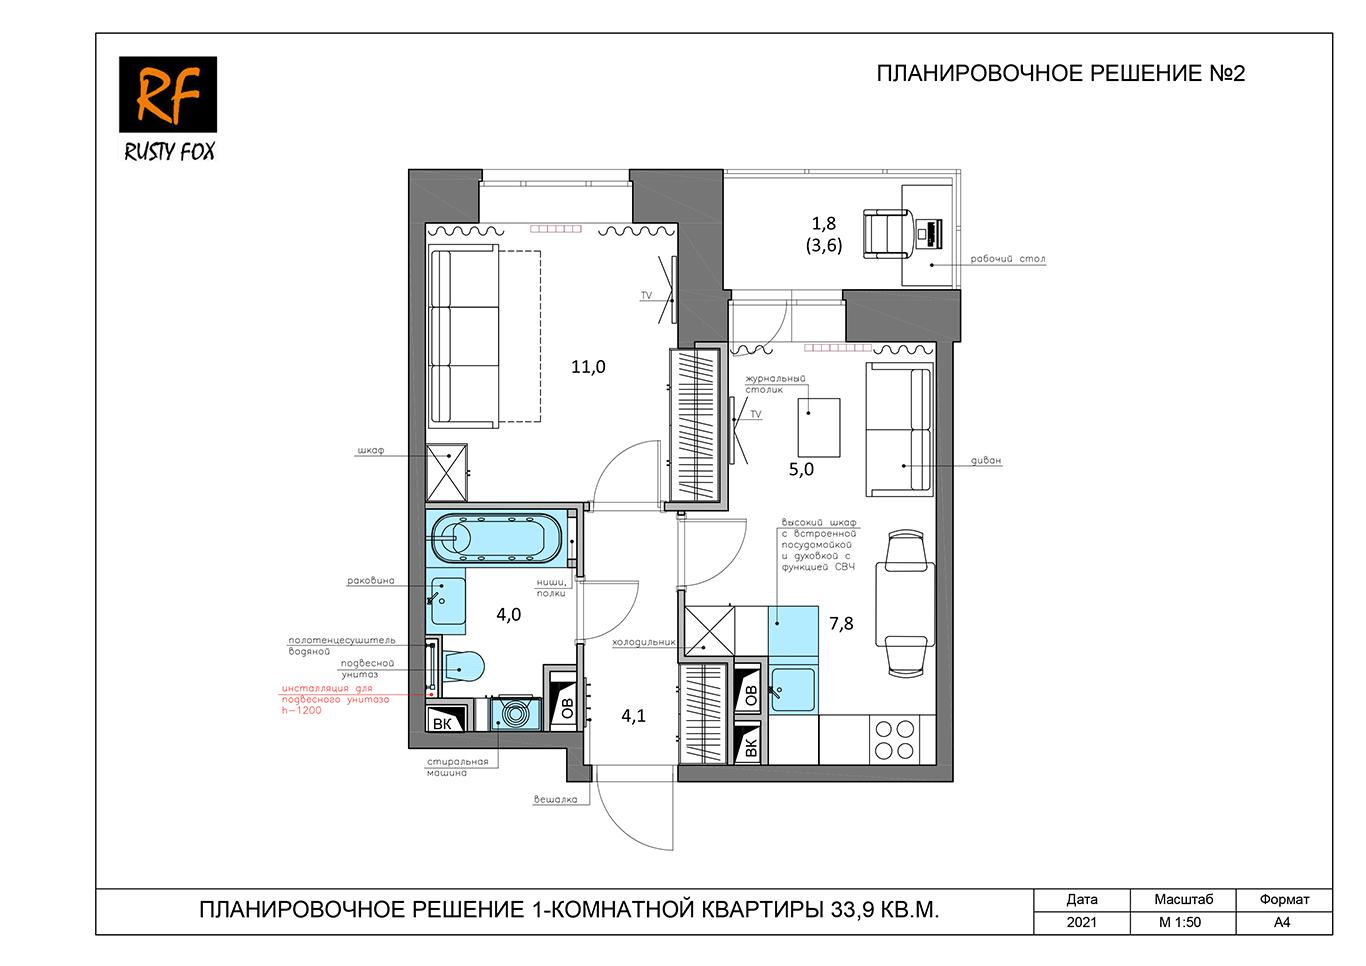 ЖК Люберцы корпус 52, секция 2. Планировочное решение №2 1-комнотной квартира 33,9 кв.м.